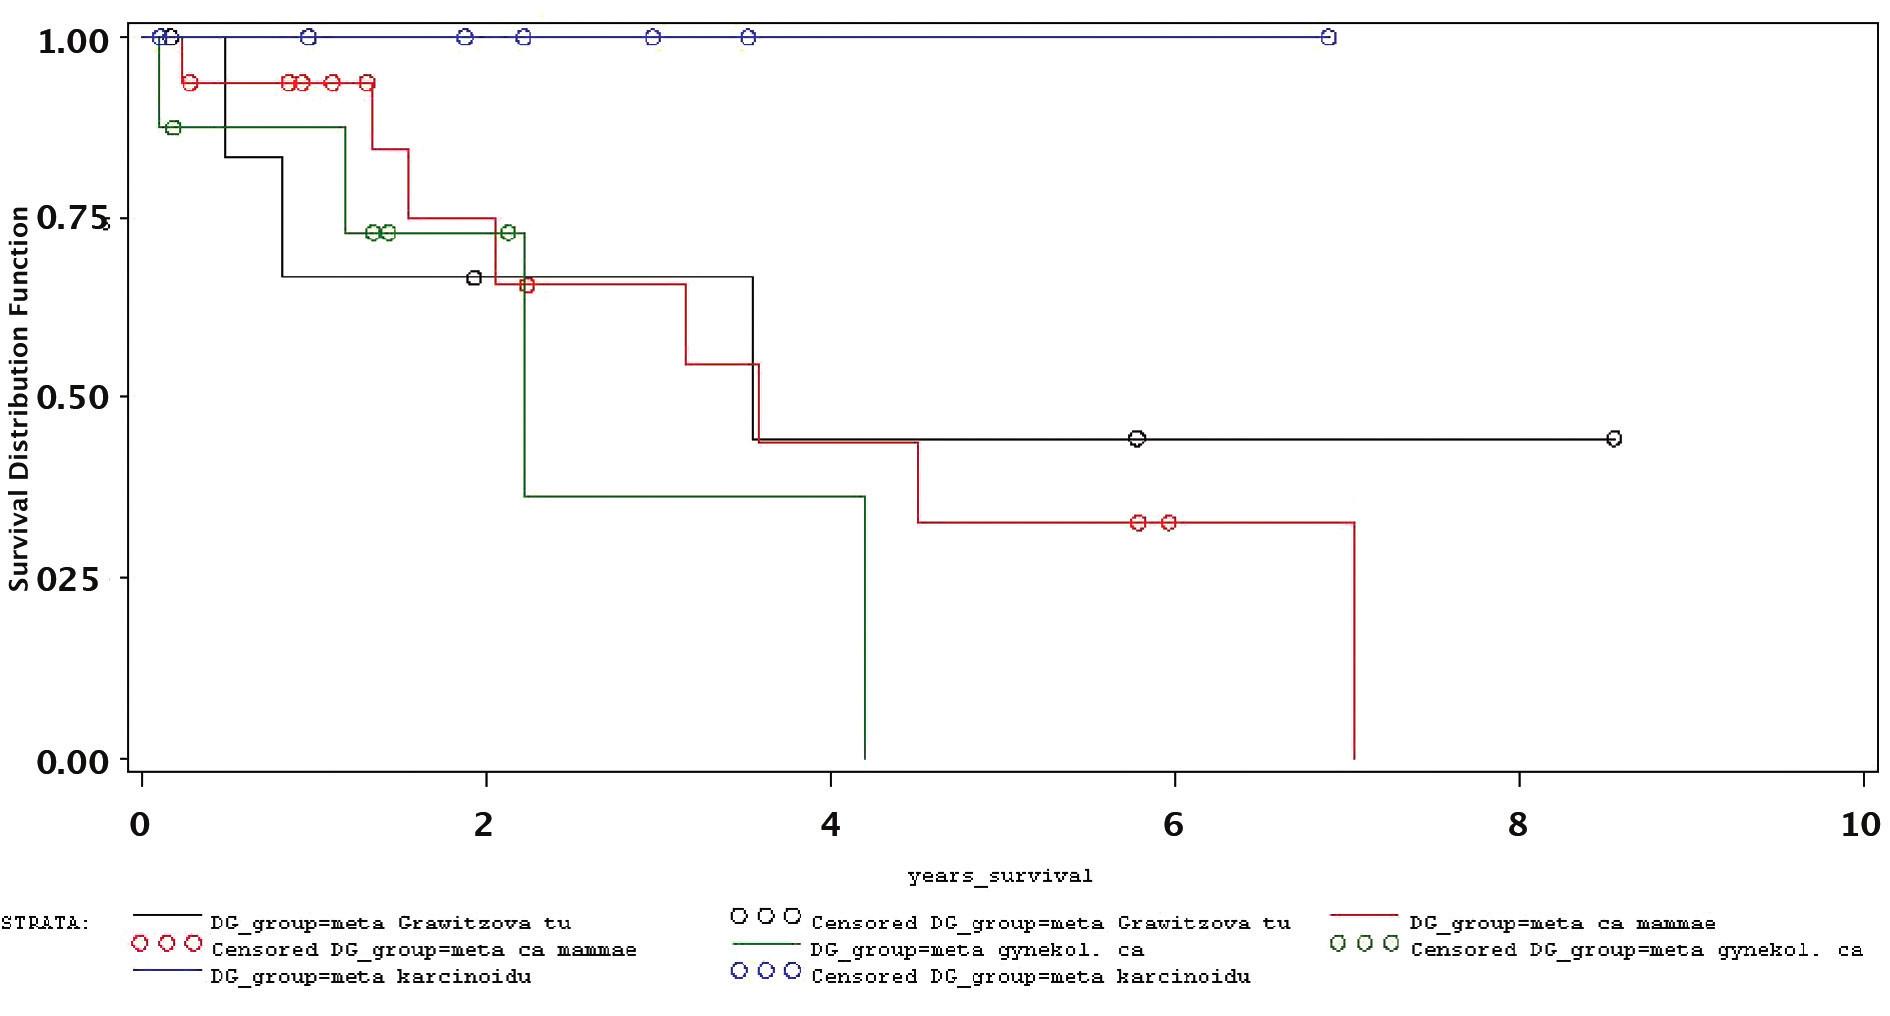 Celkové přežívání nemocných s N JM karcinomu prsu, ledvin, gynekologických nádorů a karcinoidu Graph 2. Overall survival rates in patients with non- colorectal liver metastases (NKJM) of breast carcinomas, renal carcinomas, gynecological tumors and carcinoids